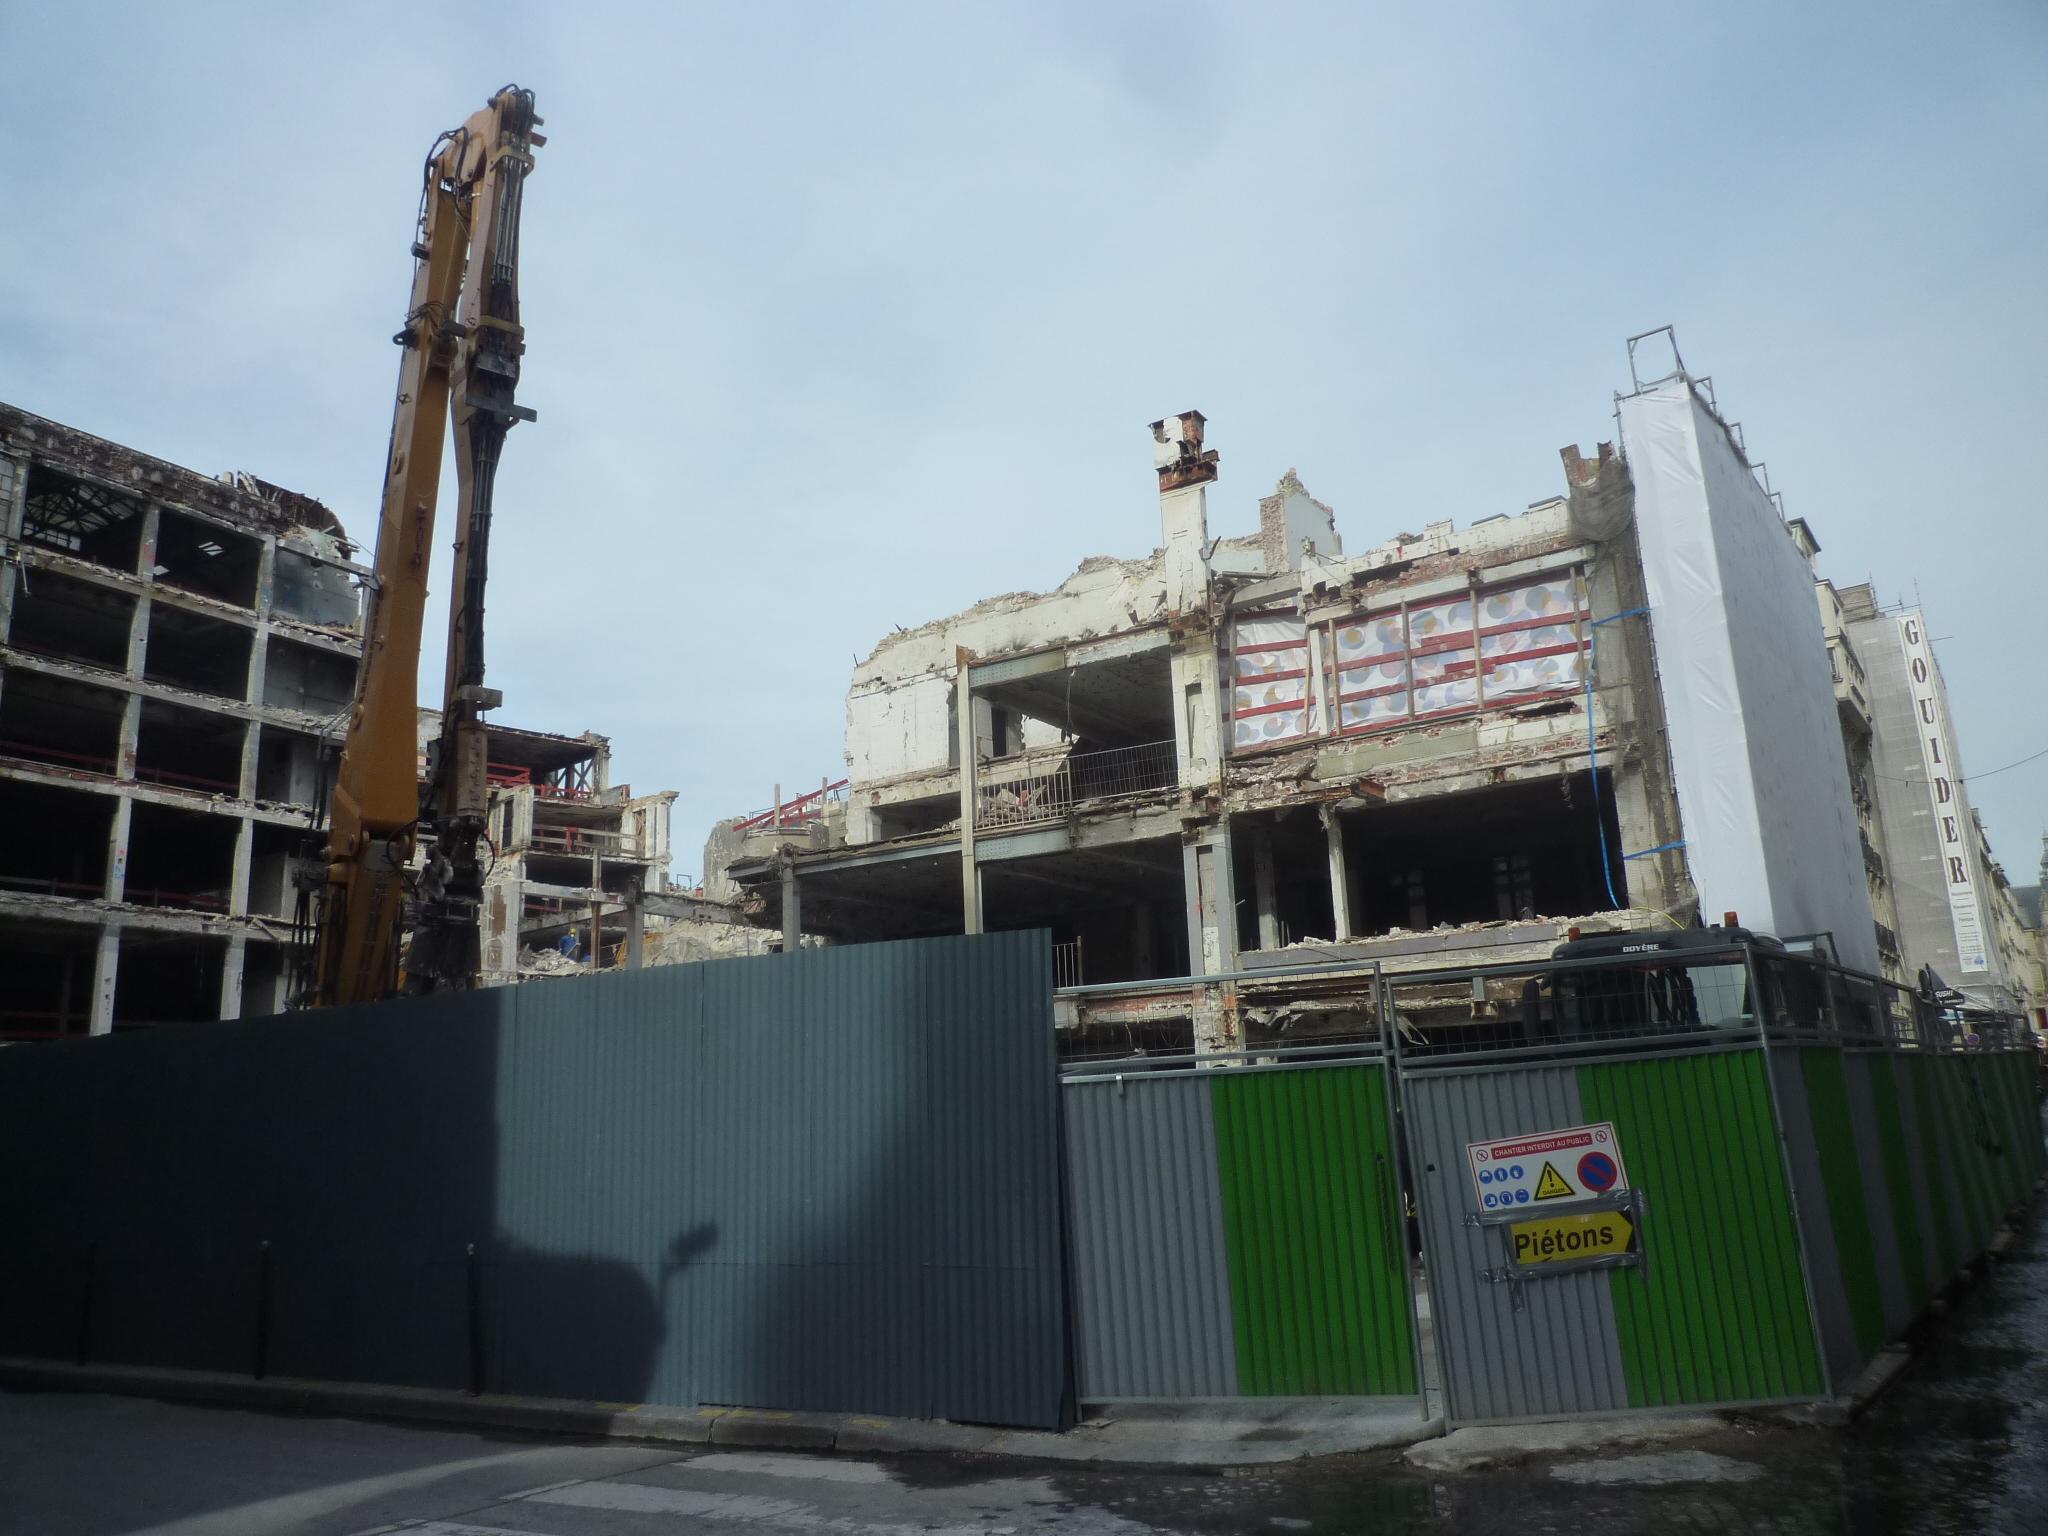 Les immeubles de la Samaritaine en cours de démolition (Photo : Didier Rykner)